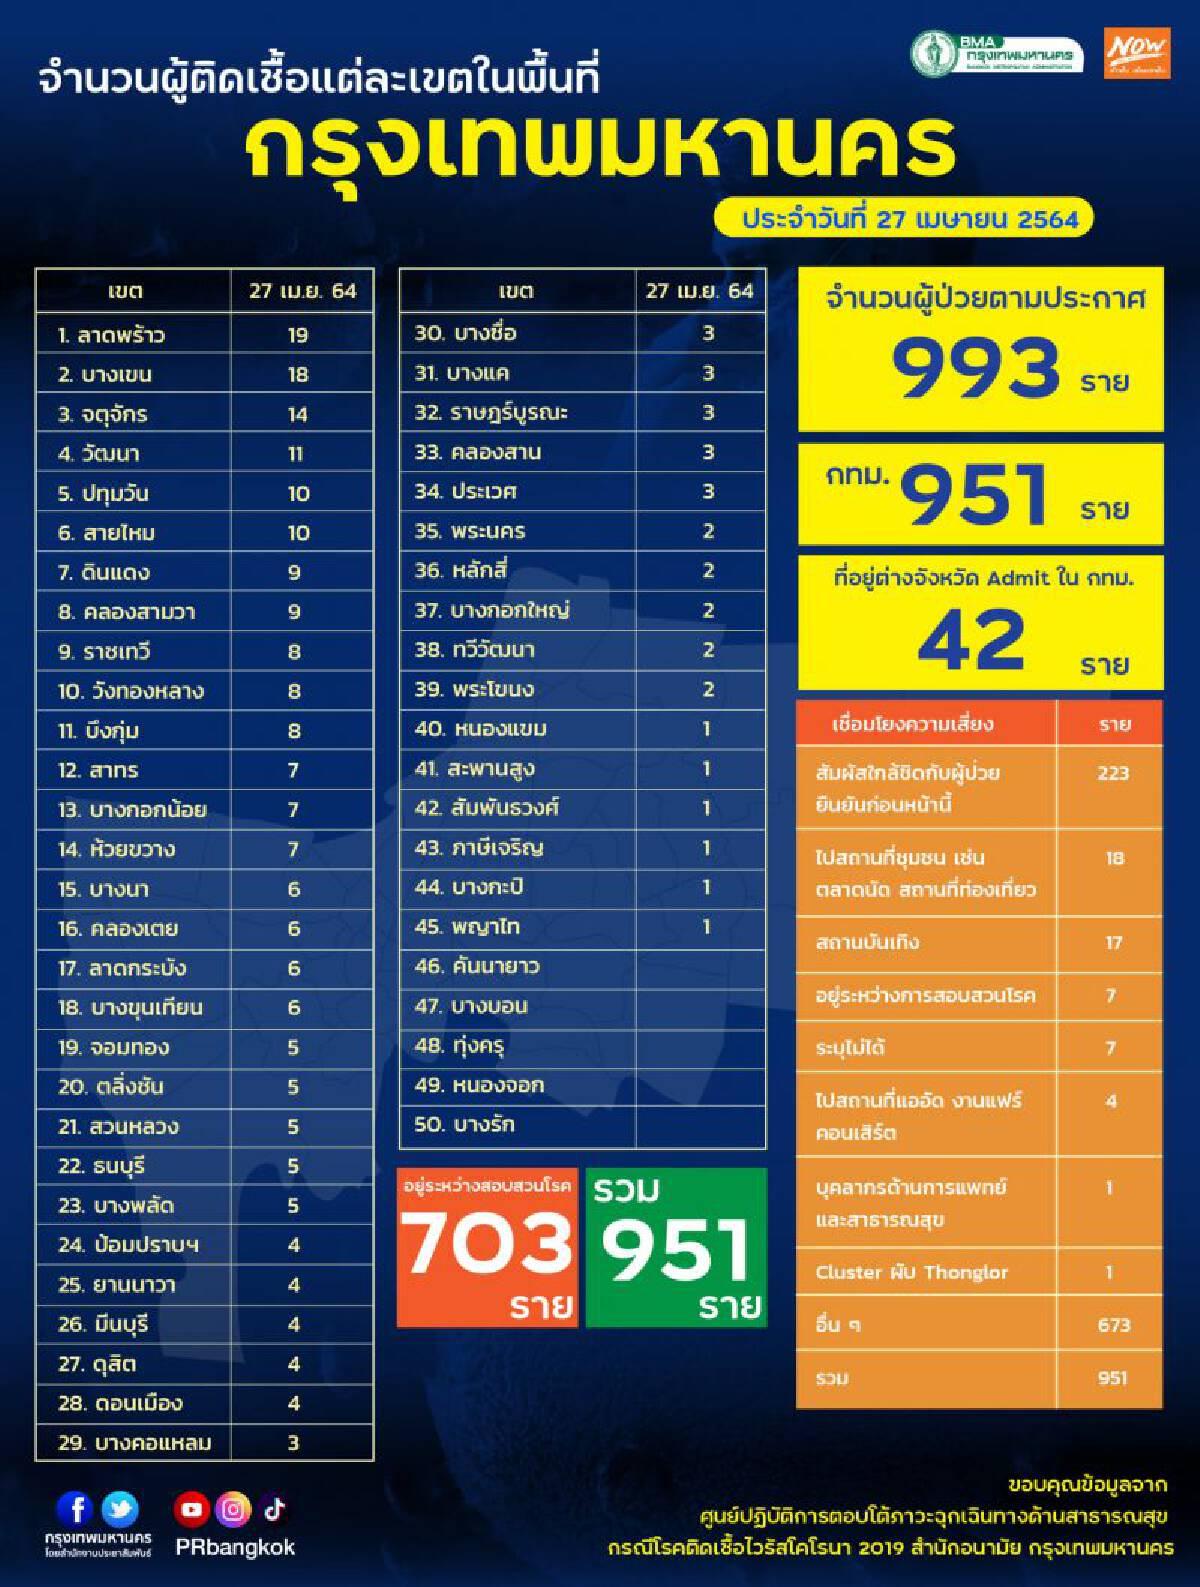 จำนวนผู้ติดเชื้อโควิด 50 เขต กทม.ประจำวันที่ 27 เมษายน 2564